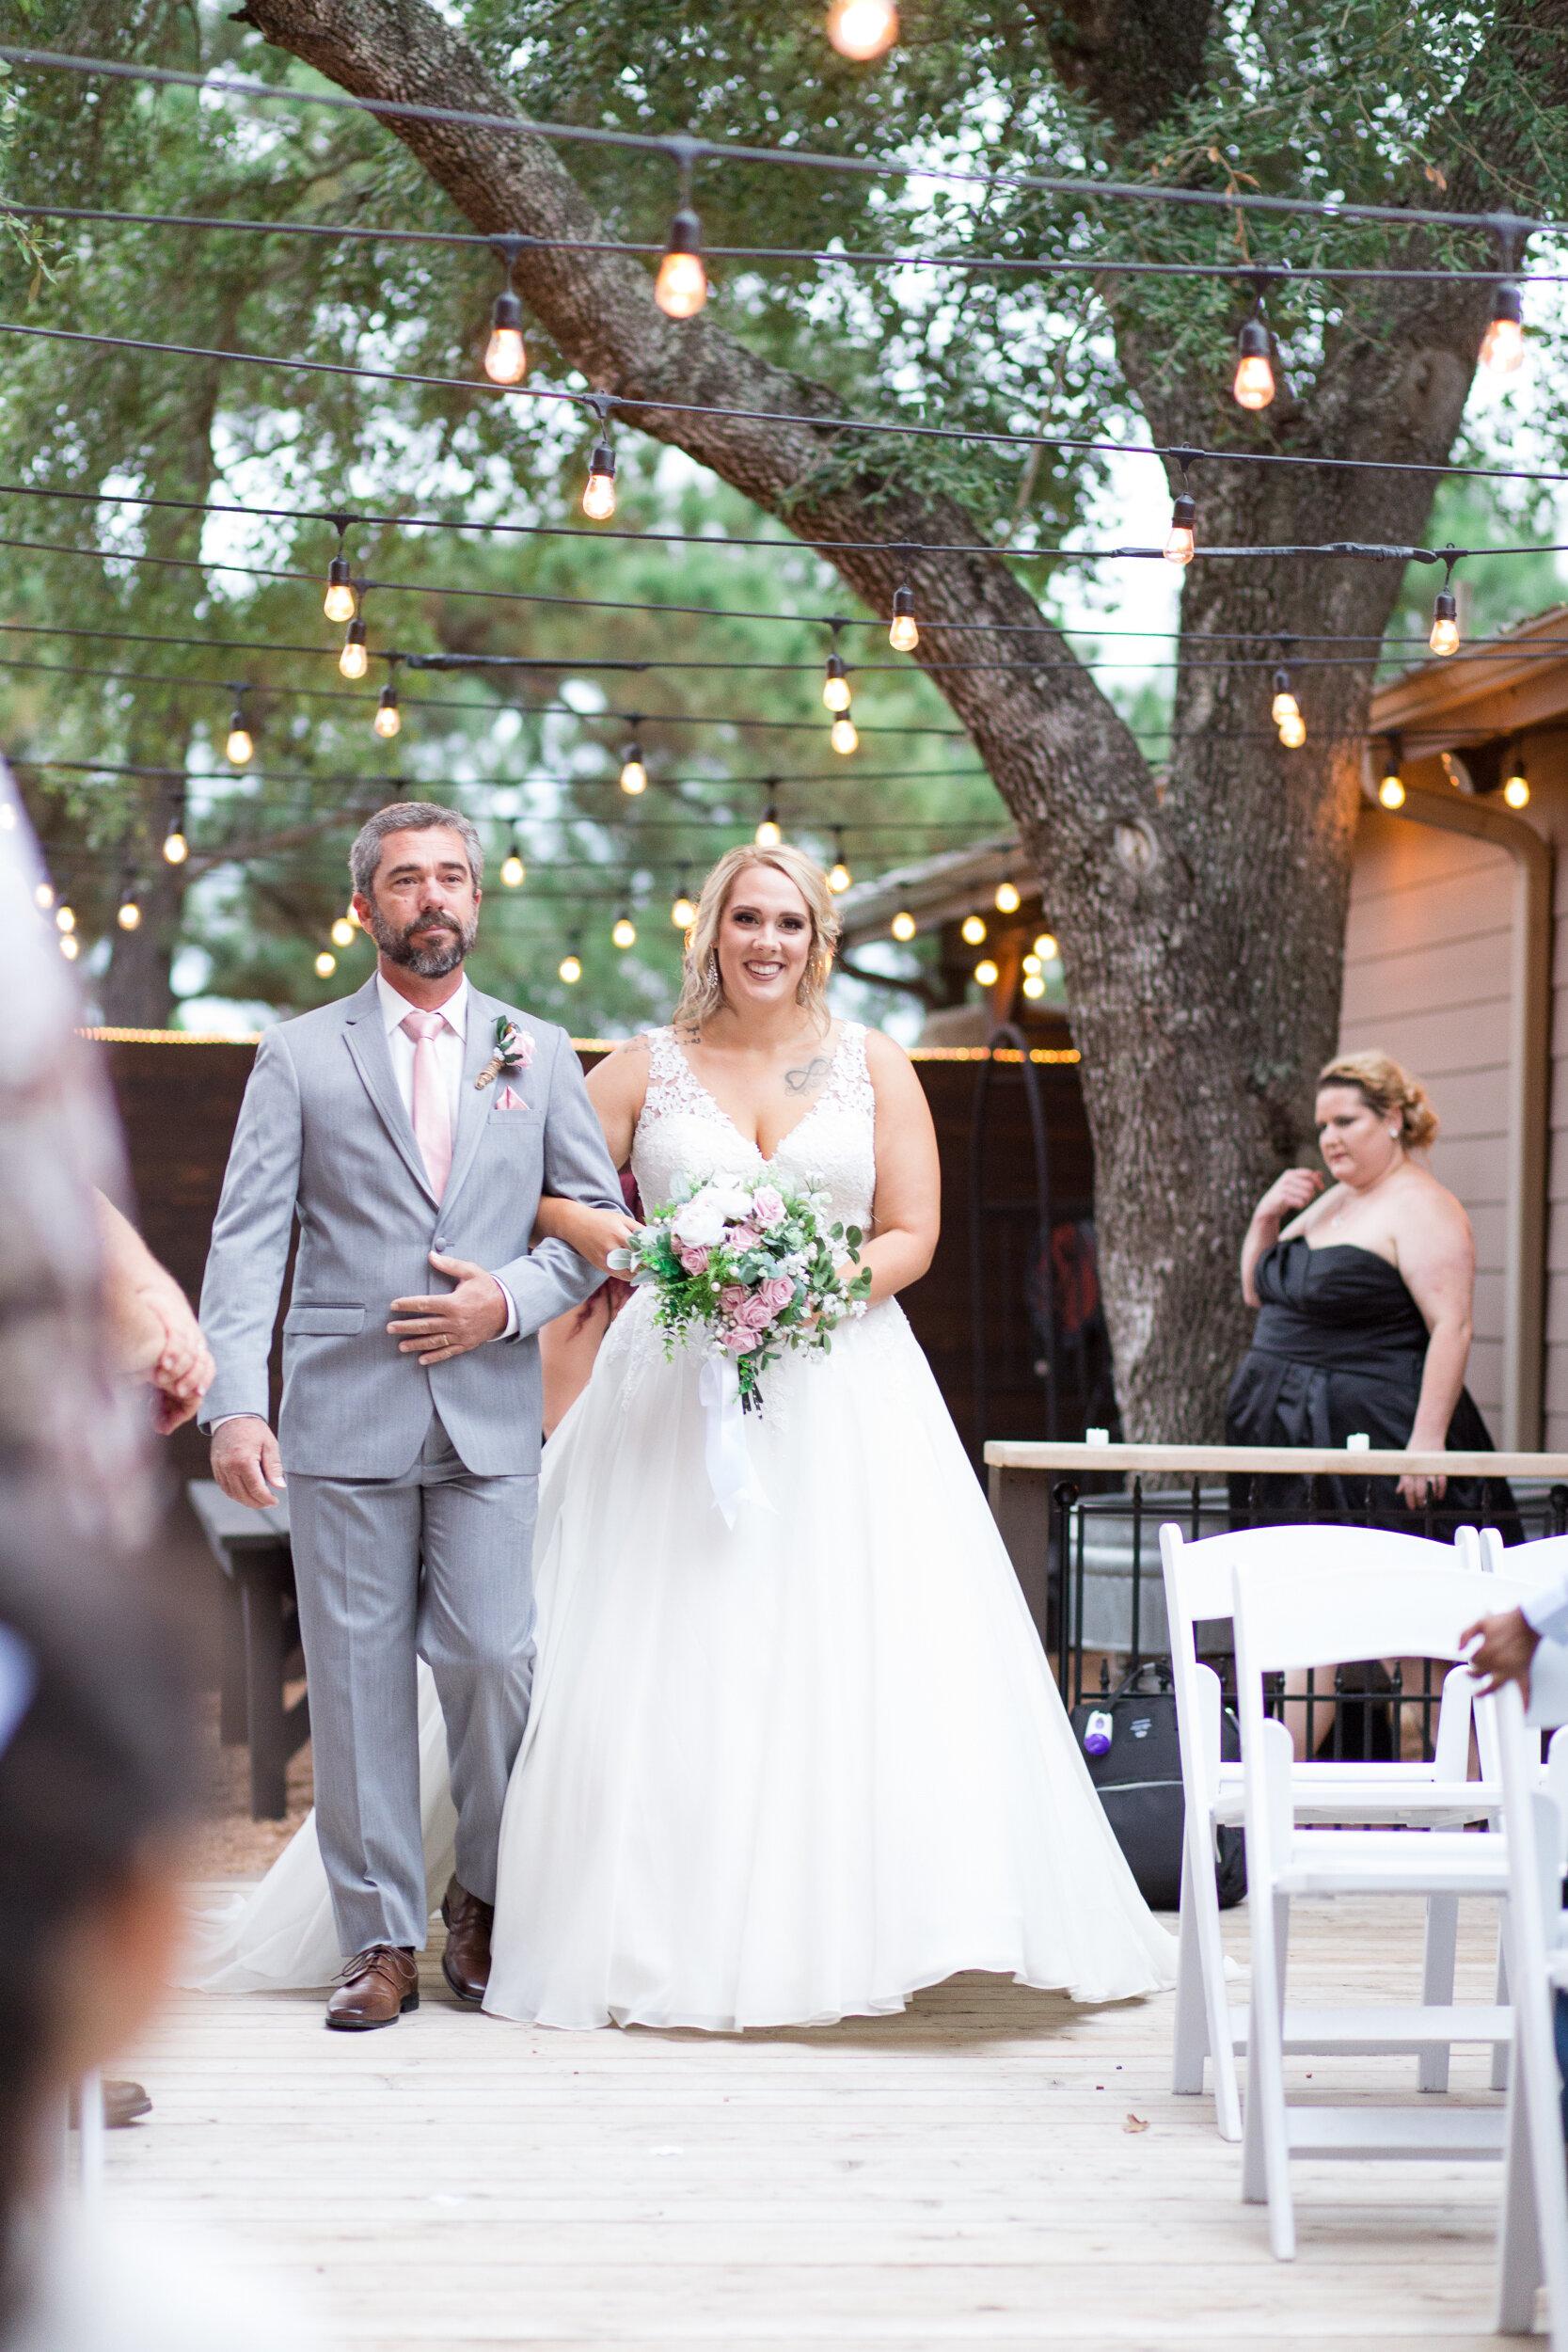 Emanuel-Wedding_kelsiehendricksphotography-67.jpg